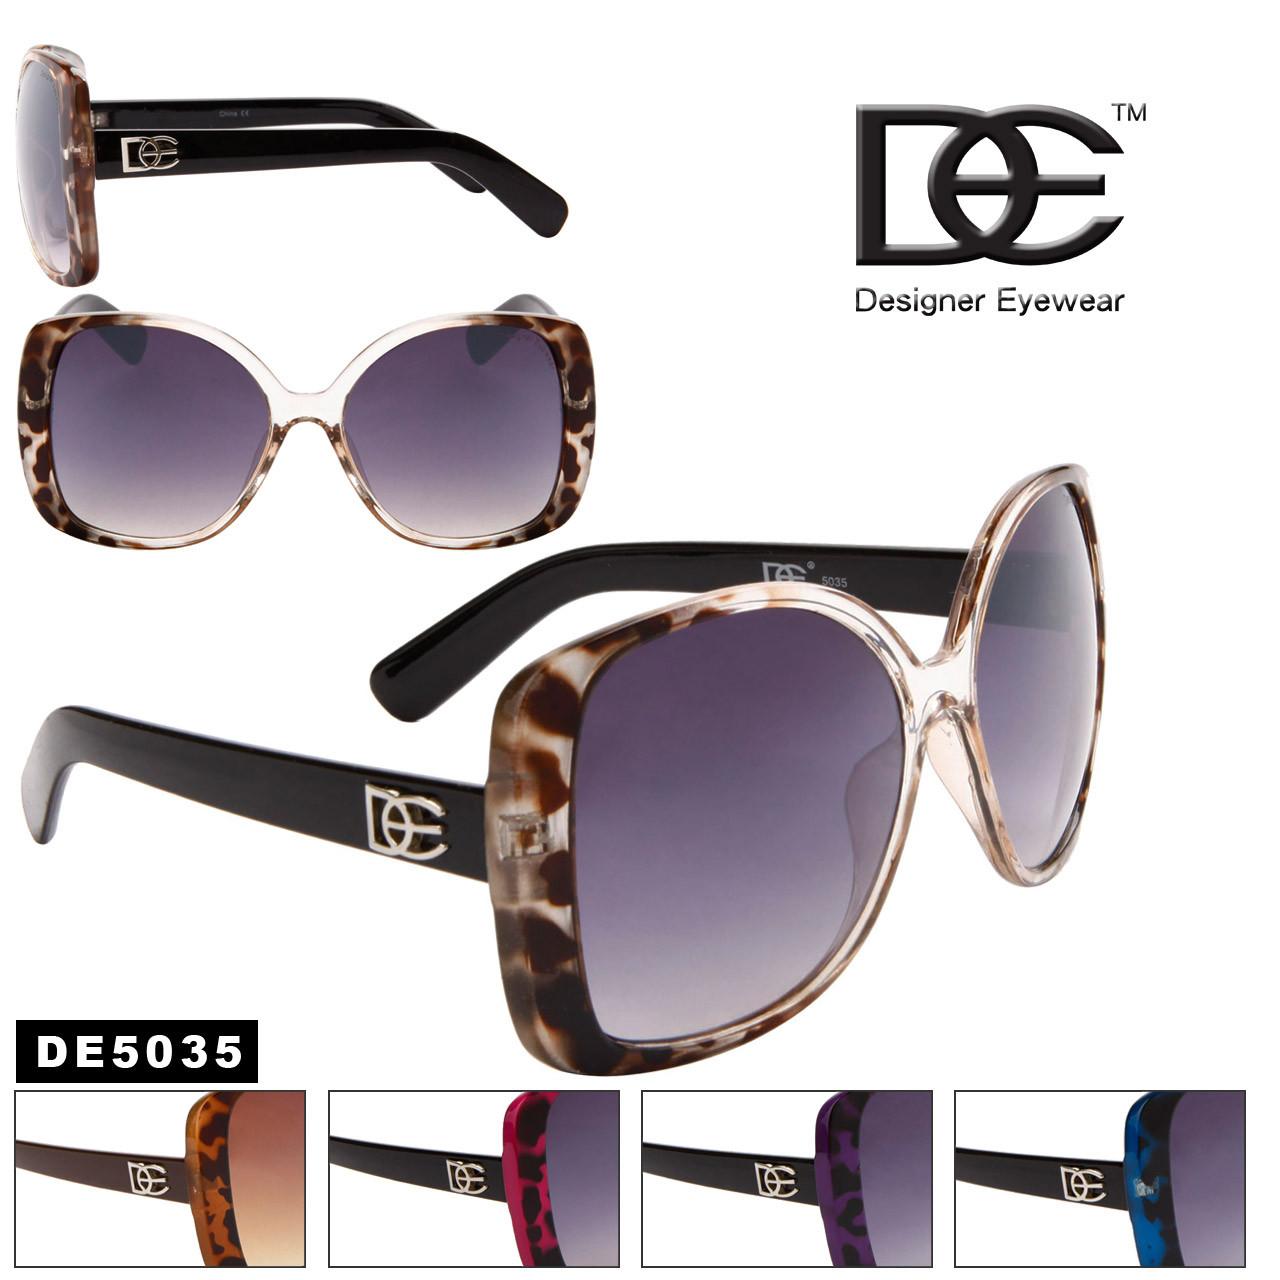 DE™ Wholesale Vintage Sunglasses - DE5035 (Assorted Colors) (12 pcs.)